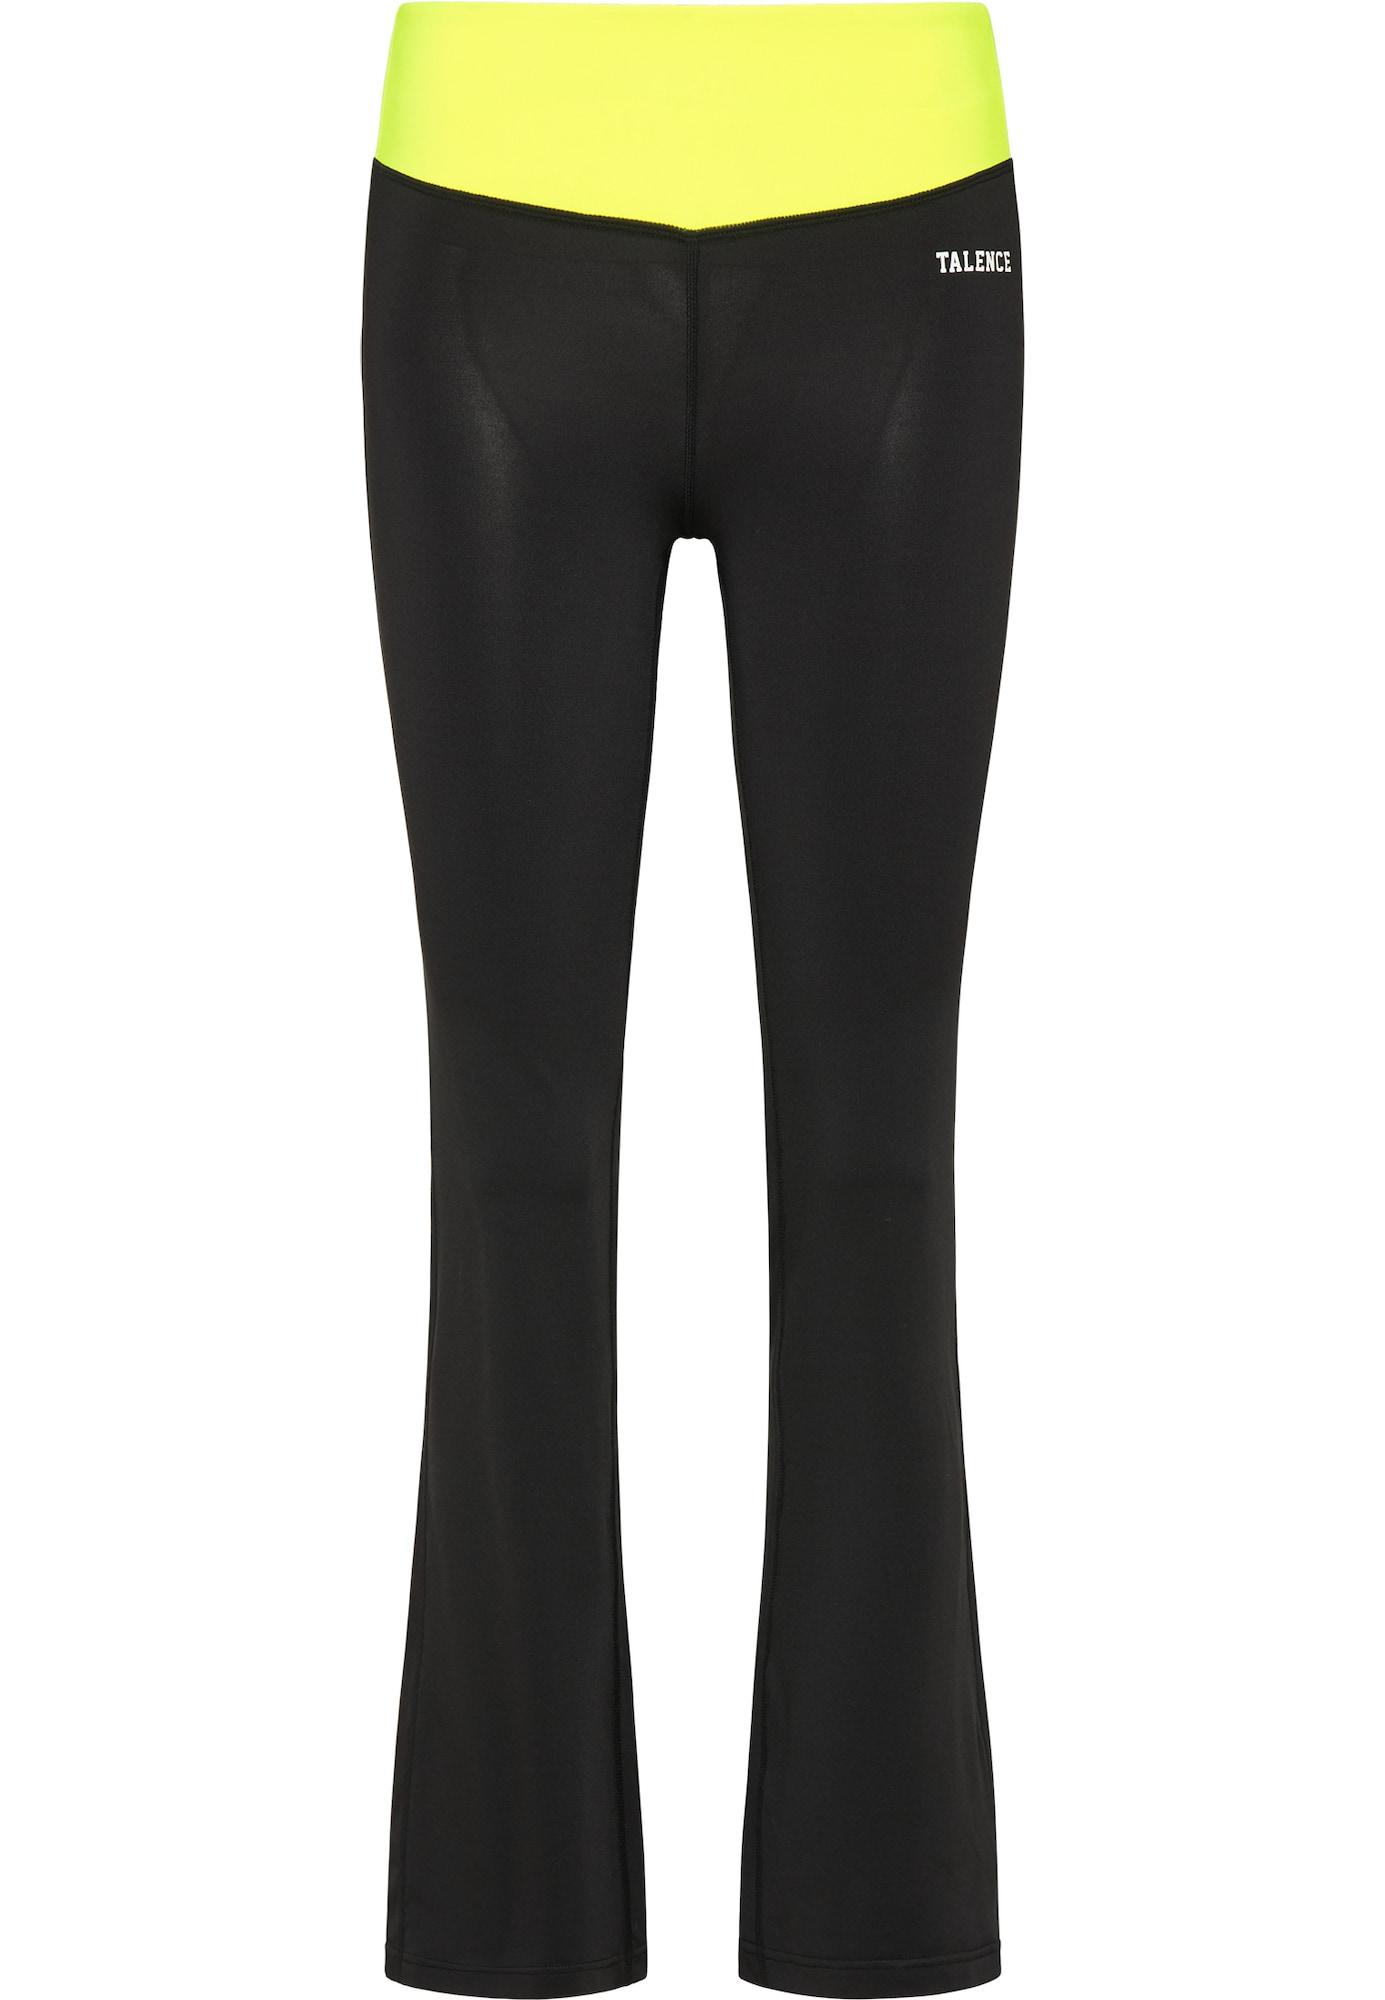 TALENCE Funkcinės kelnės juoda / neoninė geltona